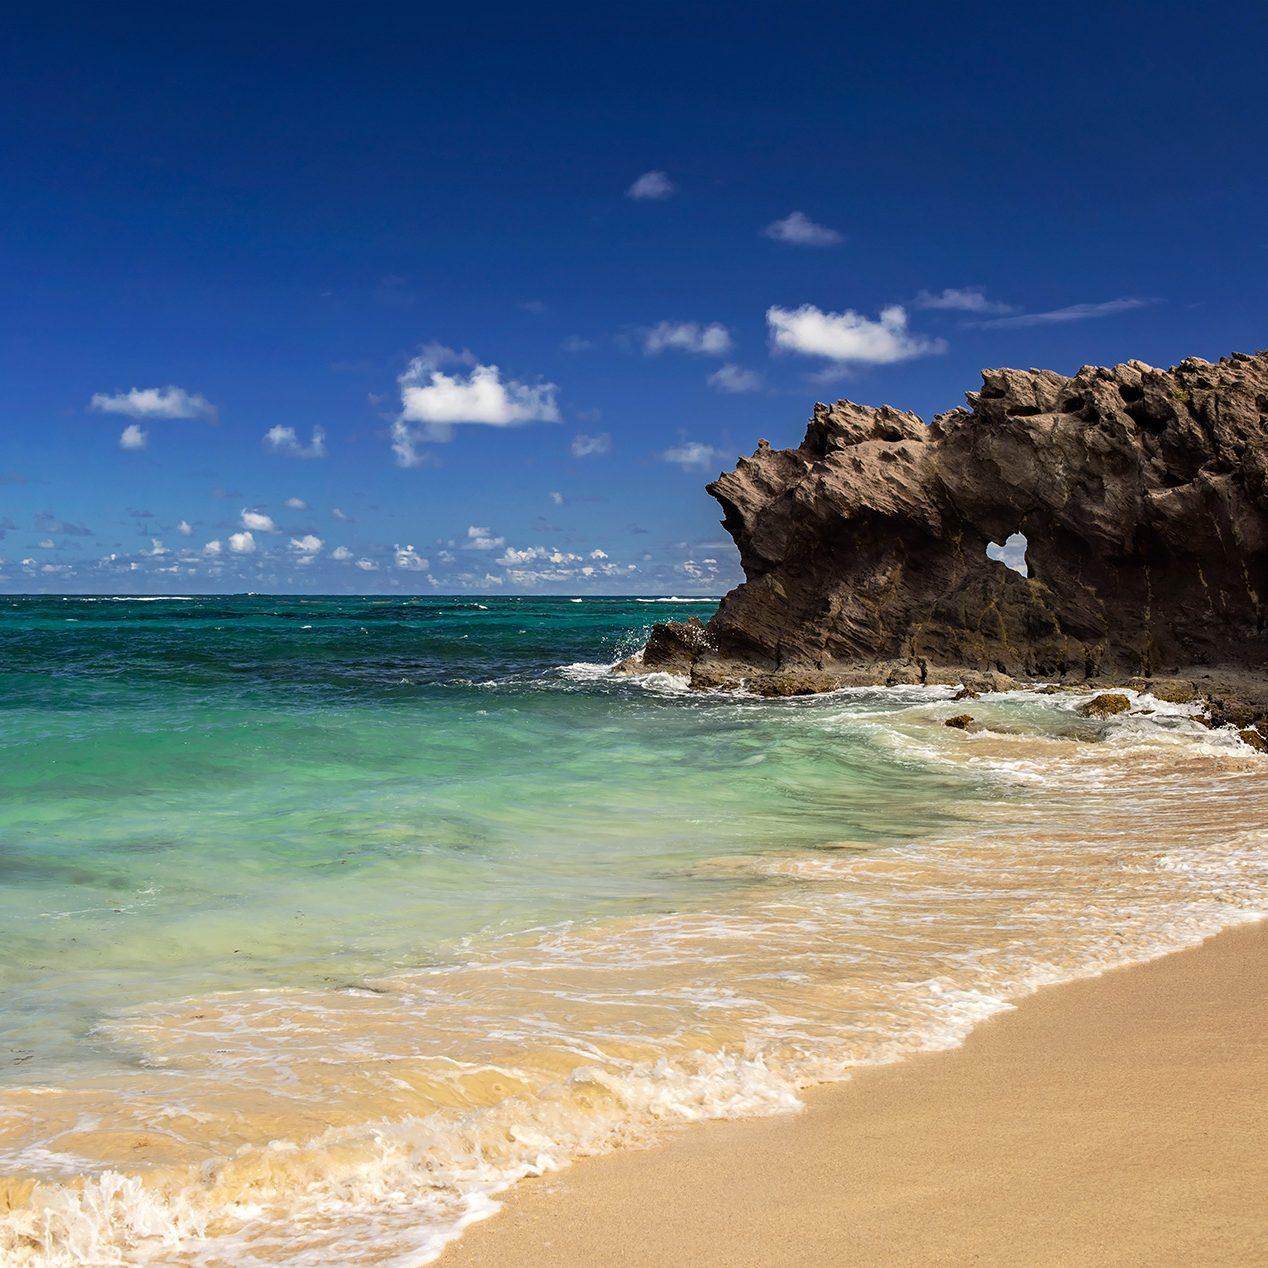 anse grosse roche martinique island beach plage coeur heart photographie photography trip travel voyage nikon d810 nature paysage landscape summer été